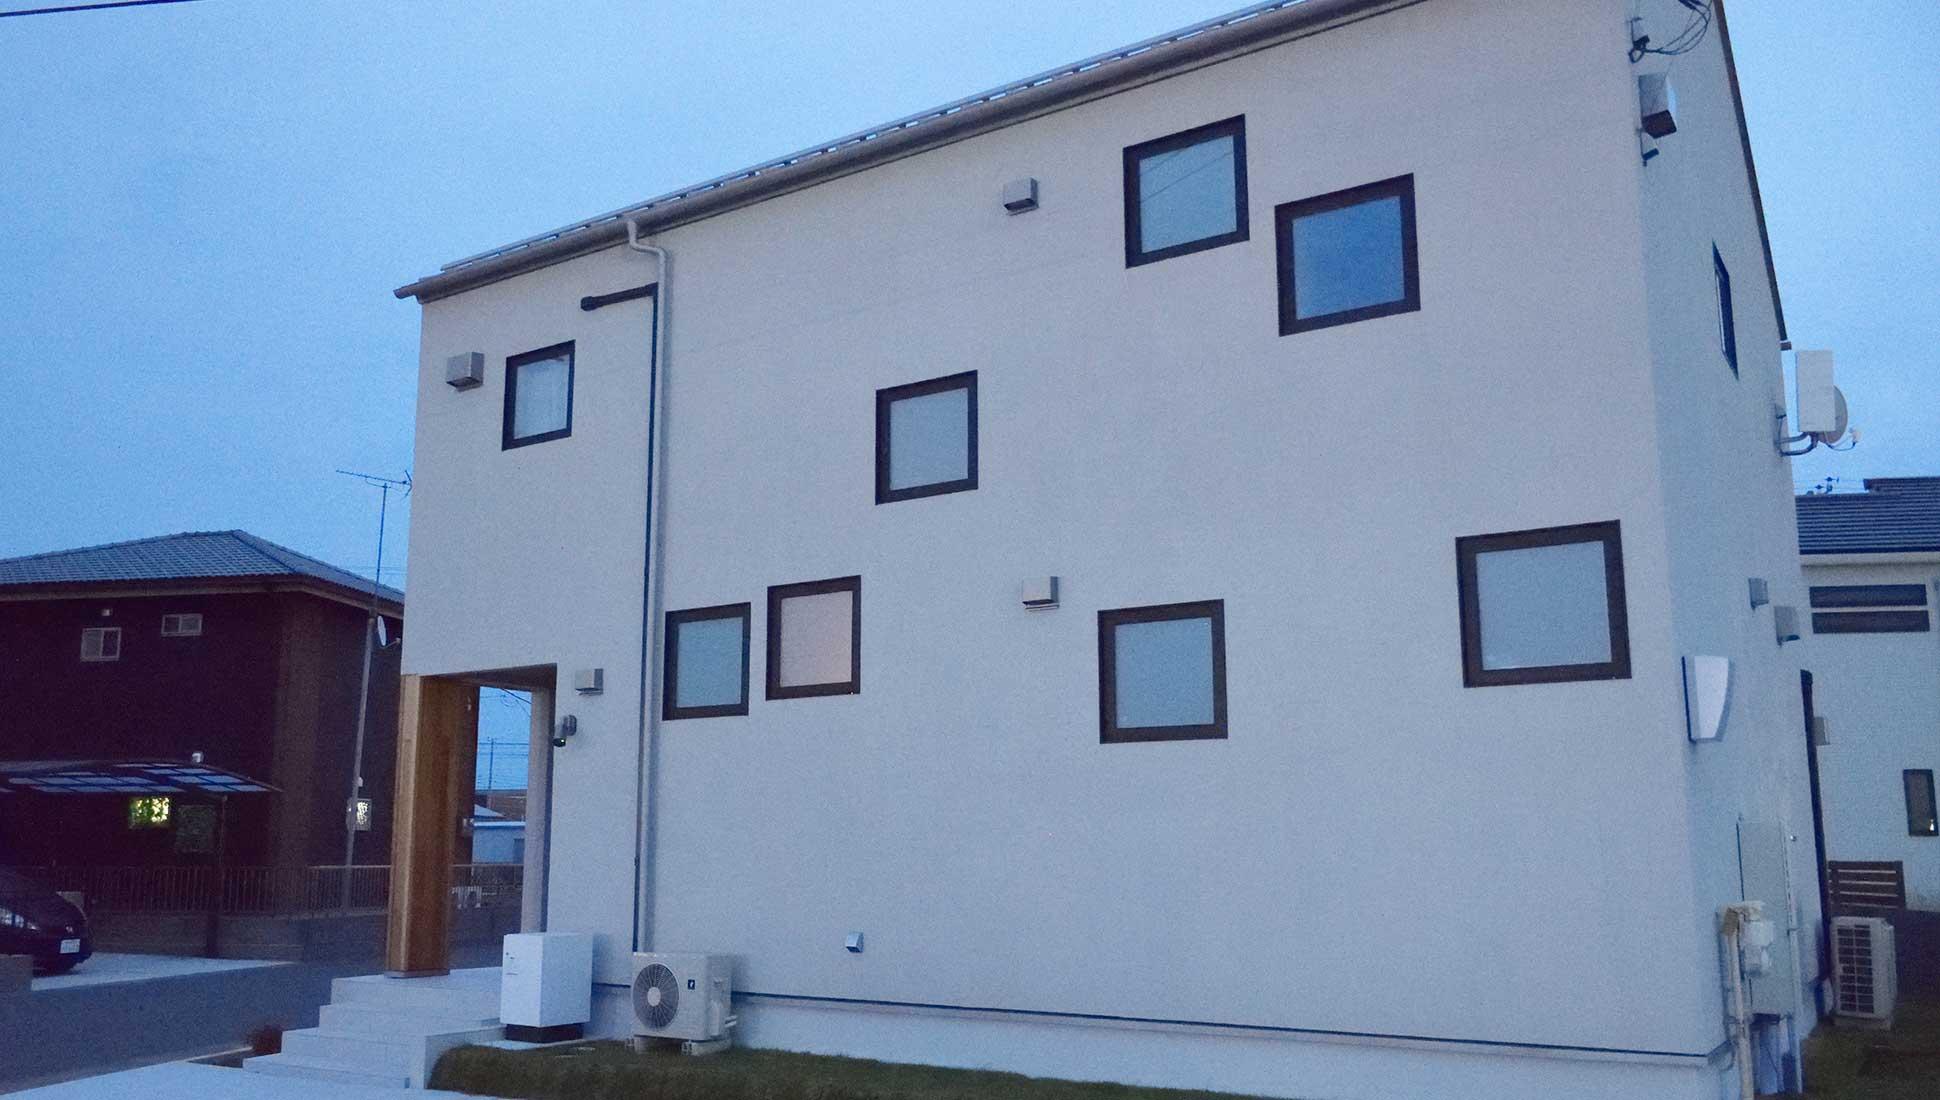 間取りがわからなくする窓配置:自由設計で叶える 免震ダブル断熱 木更津市